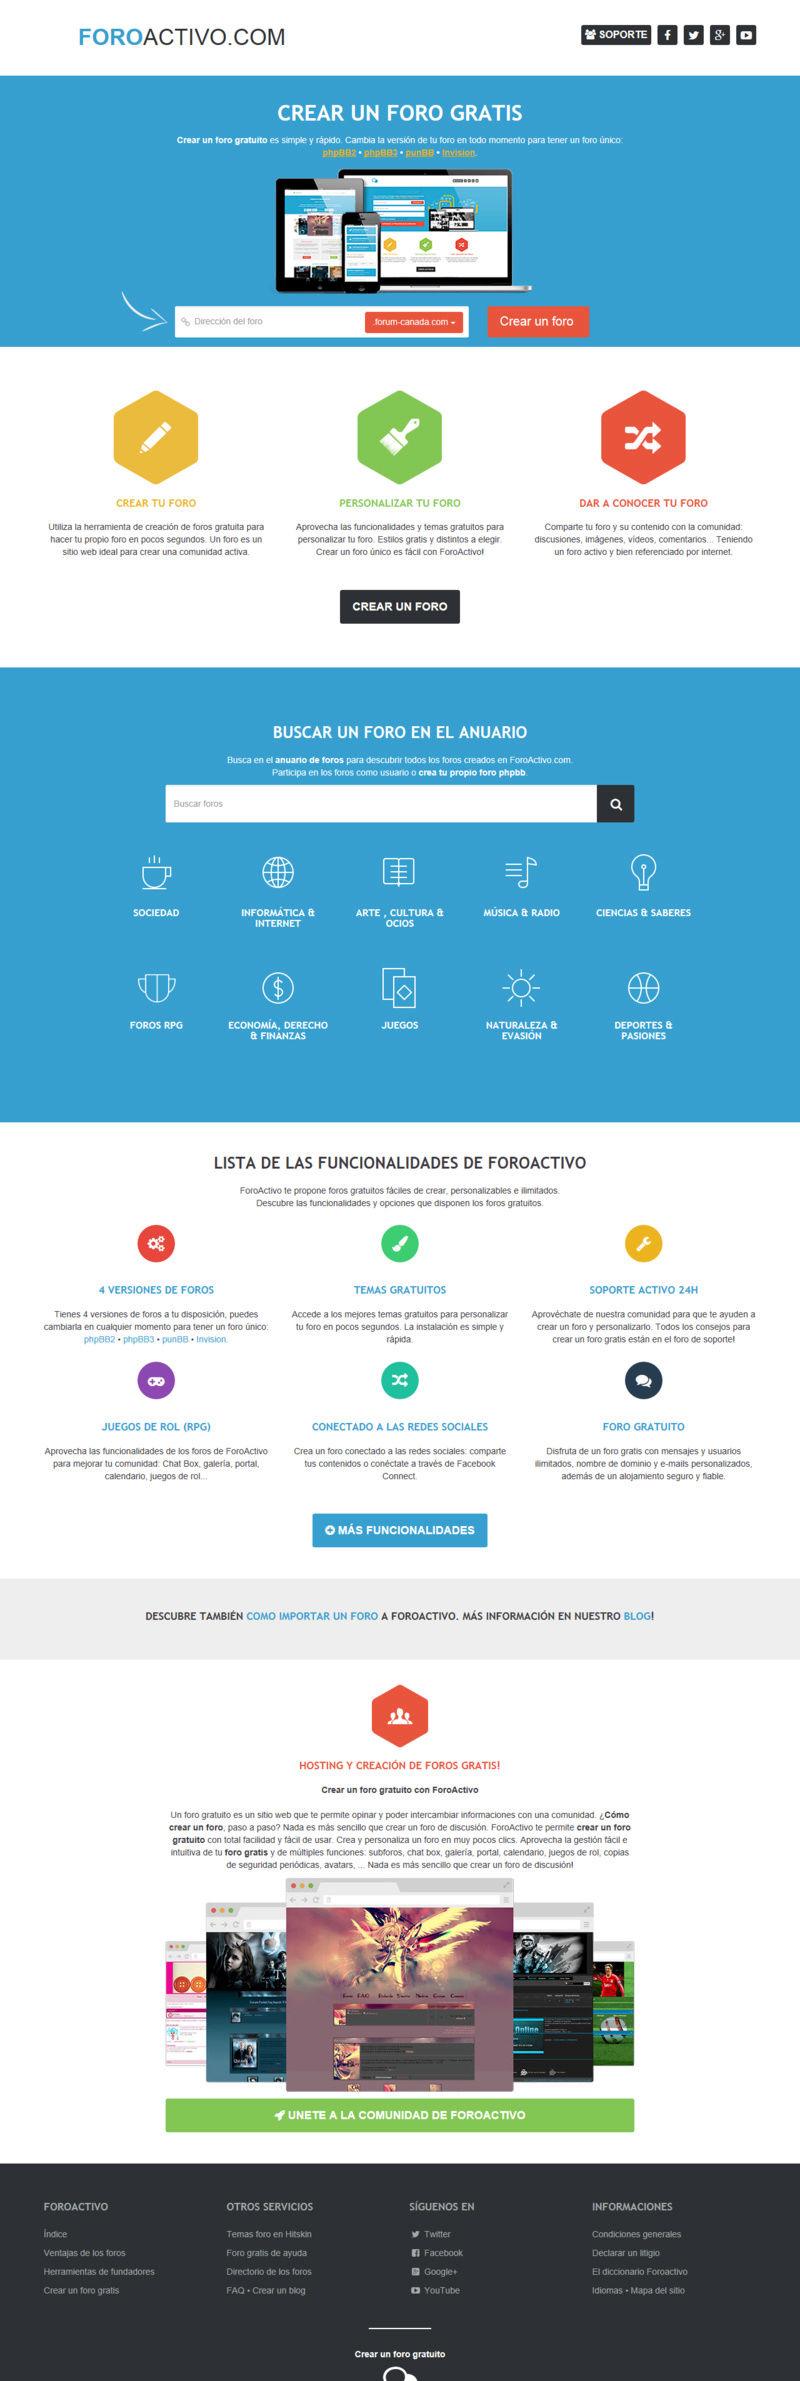 Foroactivo.com - Crea un foro gratis C_data13